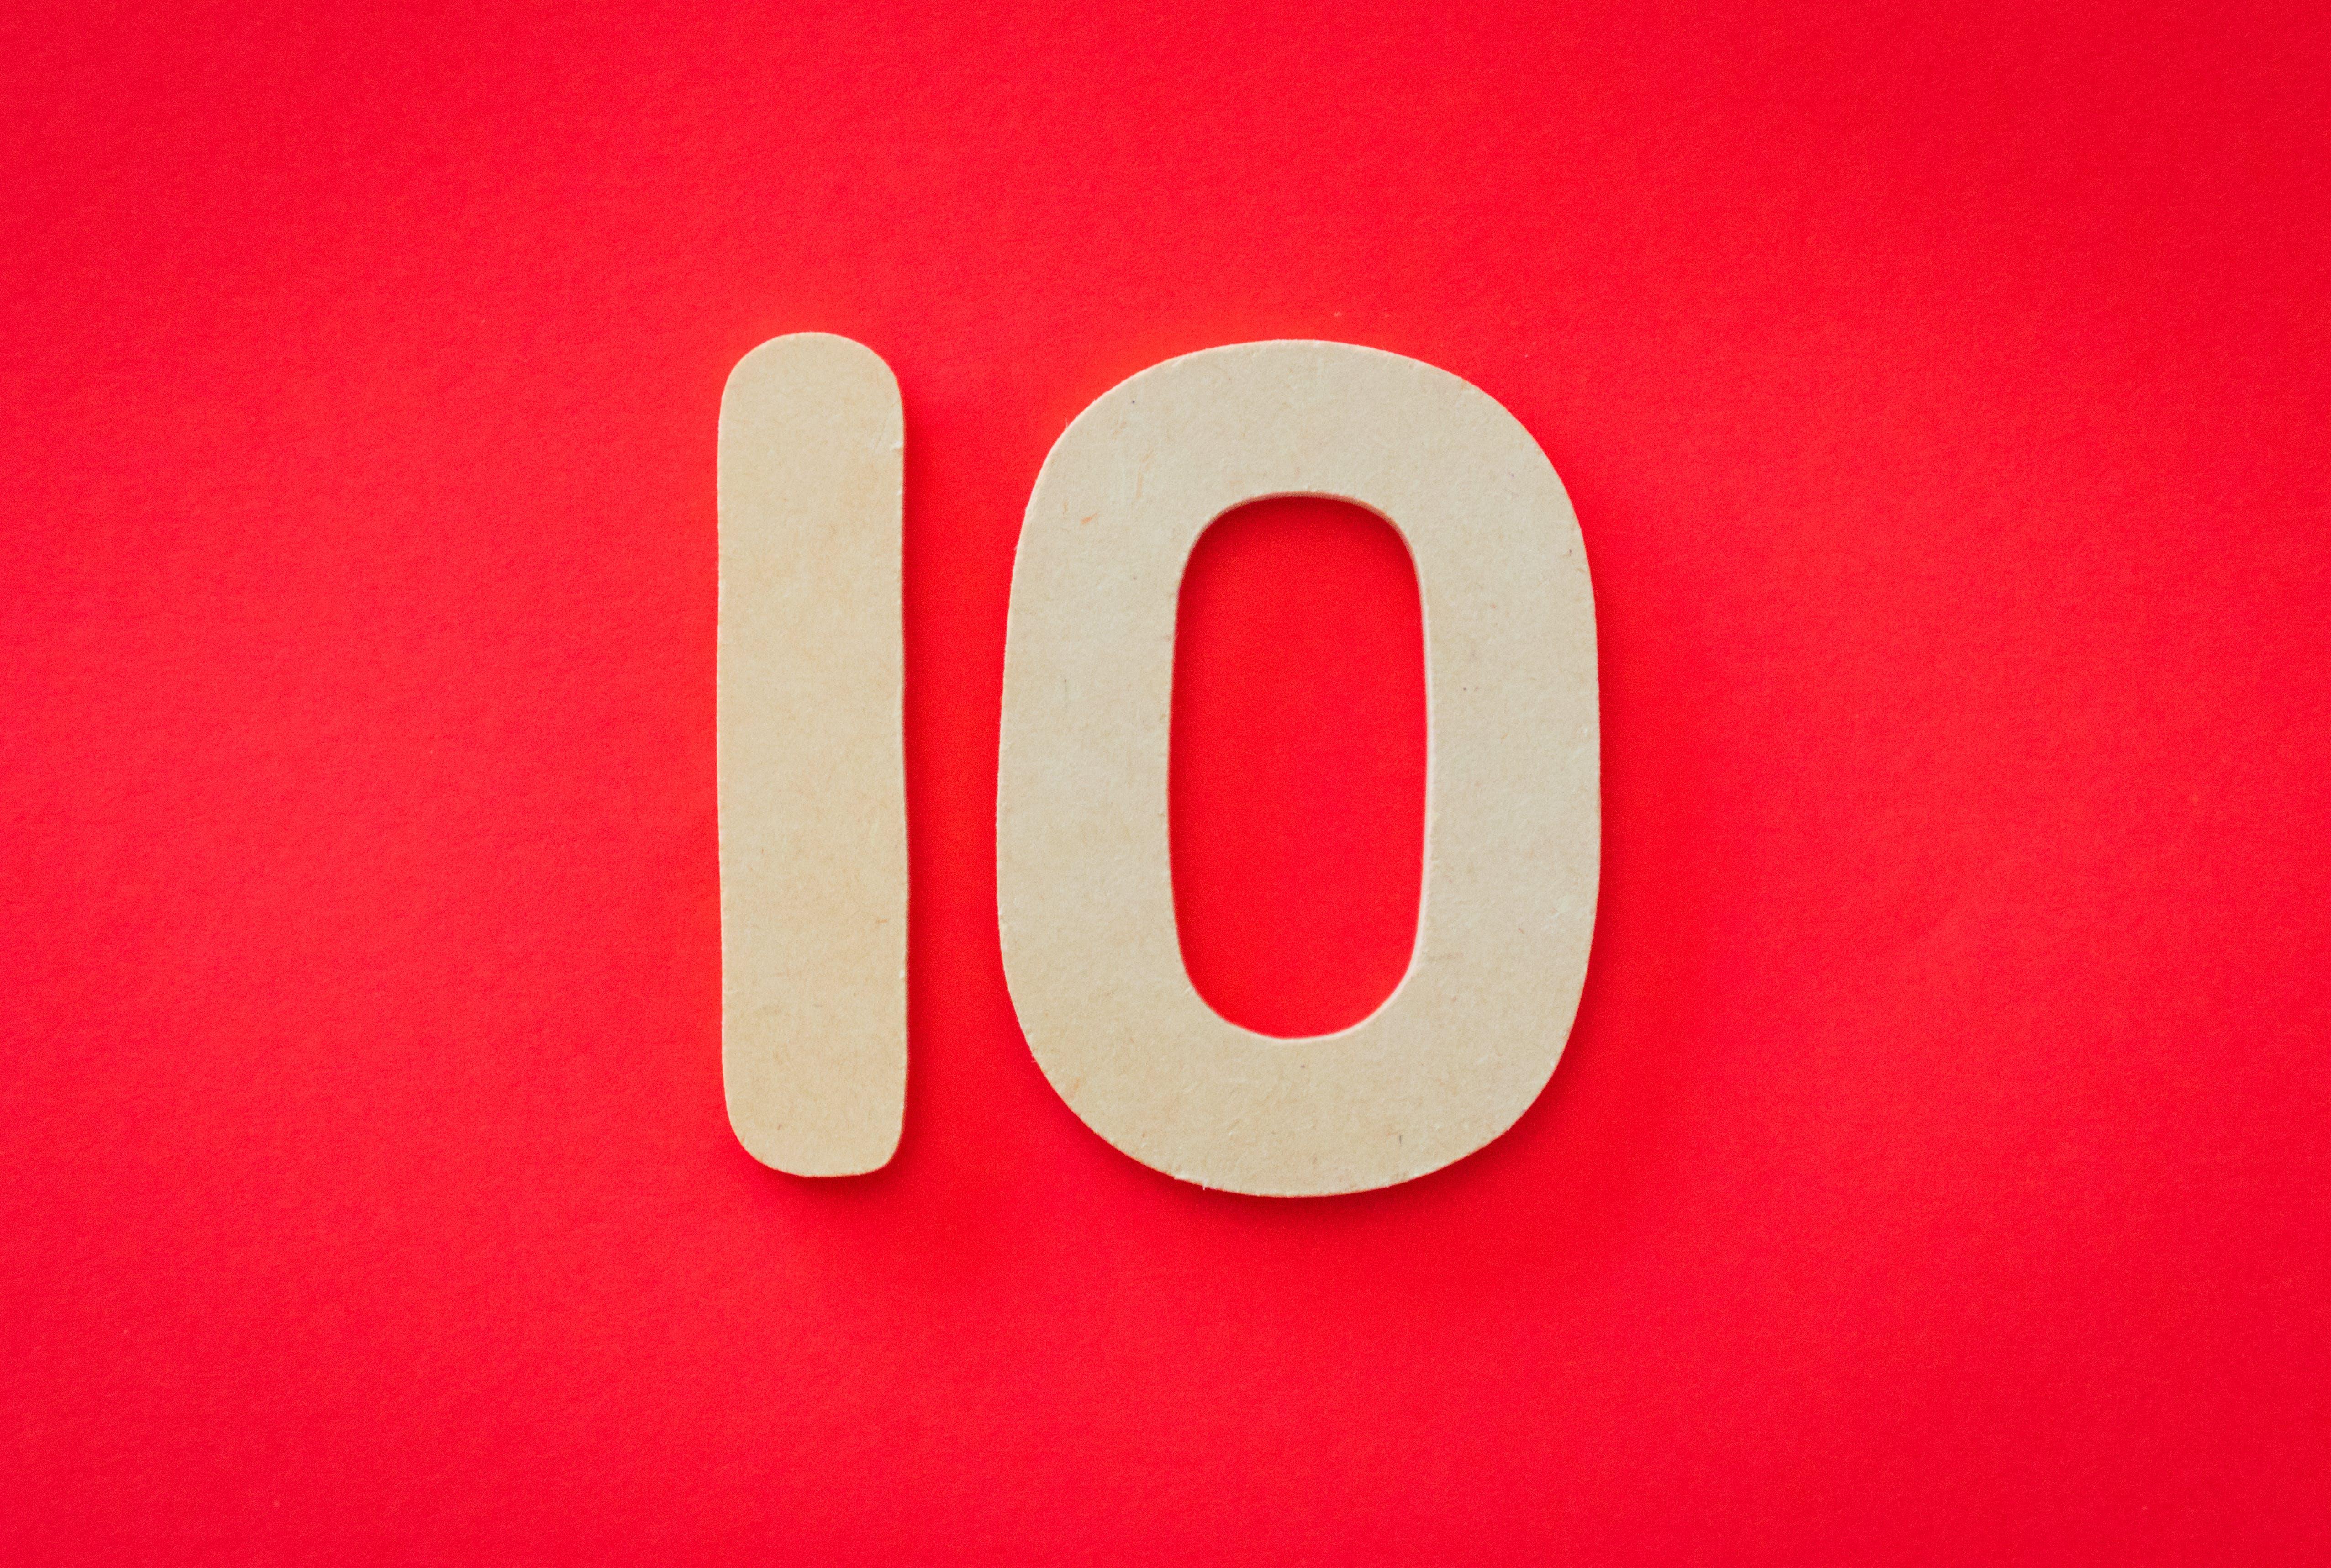 Kostenloses Stock Foto zu 10, abbildung, ausbildung, begrifflich